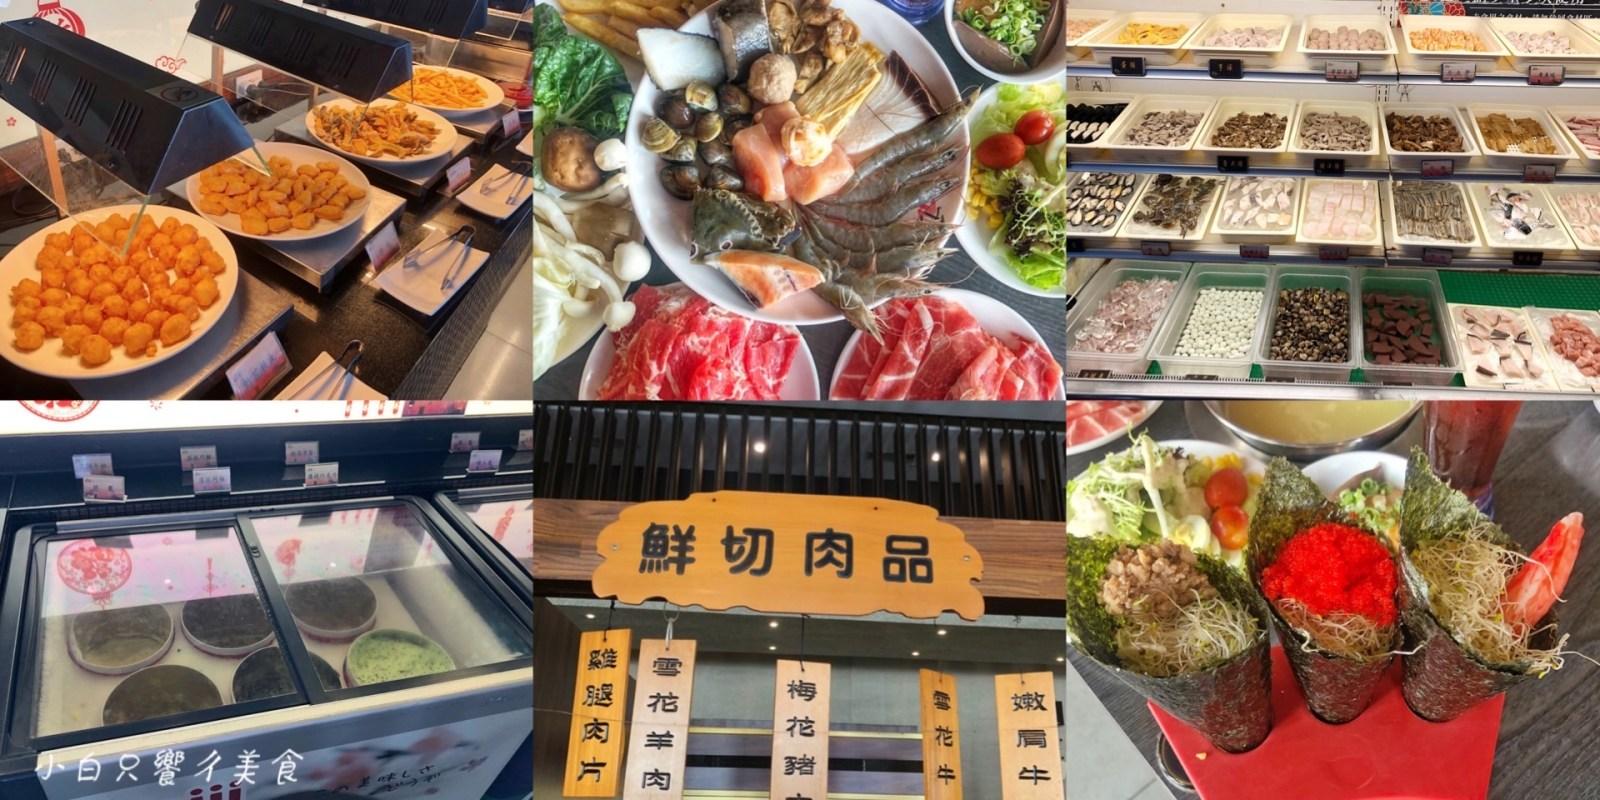 【台南吃到飽】千喜火鍋店 吃到飽388元!安格斯牛/豬雞/海鮮/鐵板燒/手捲/冰淇淋超過50種食材無限量供應